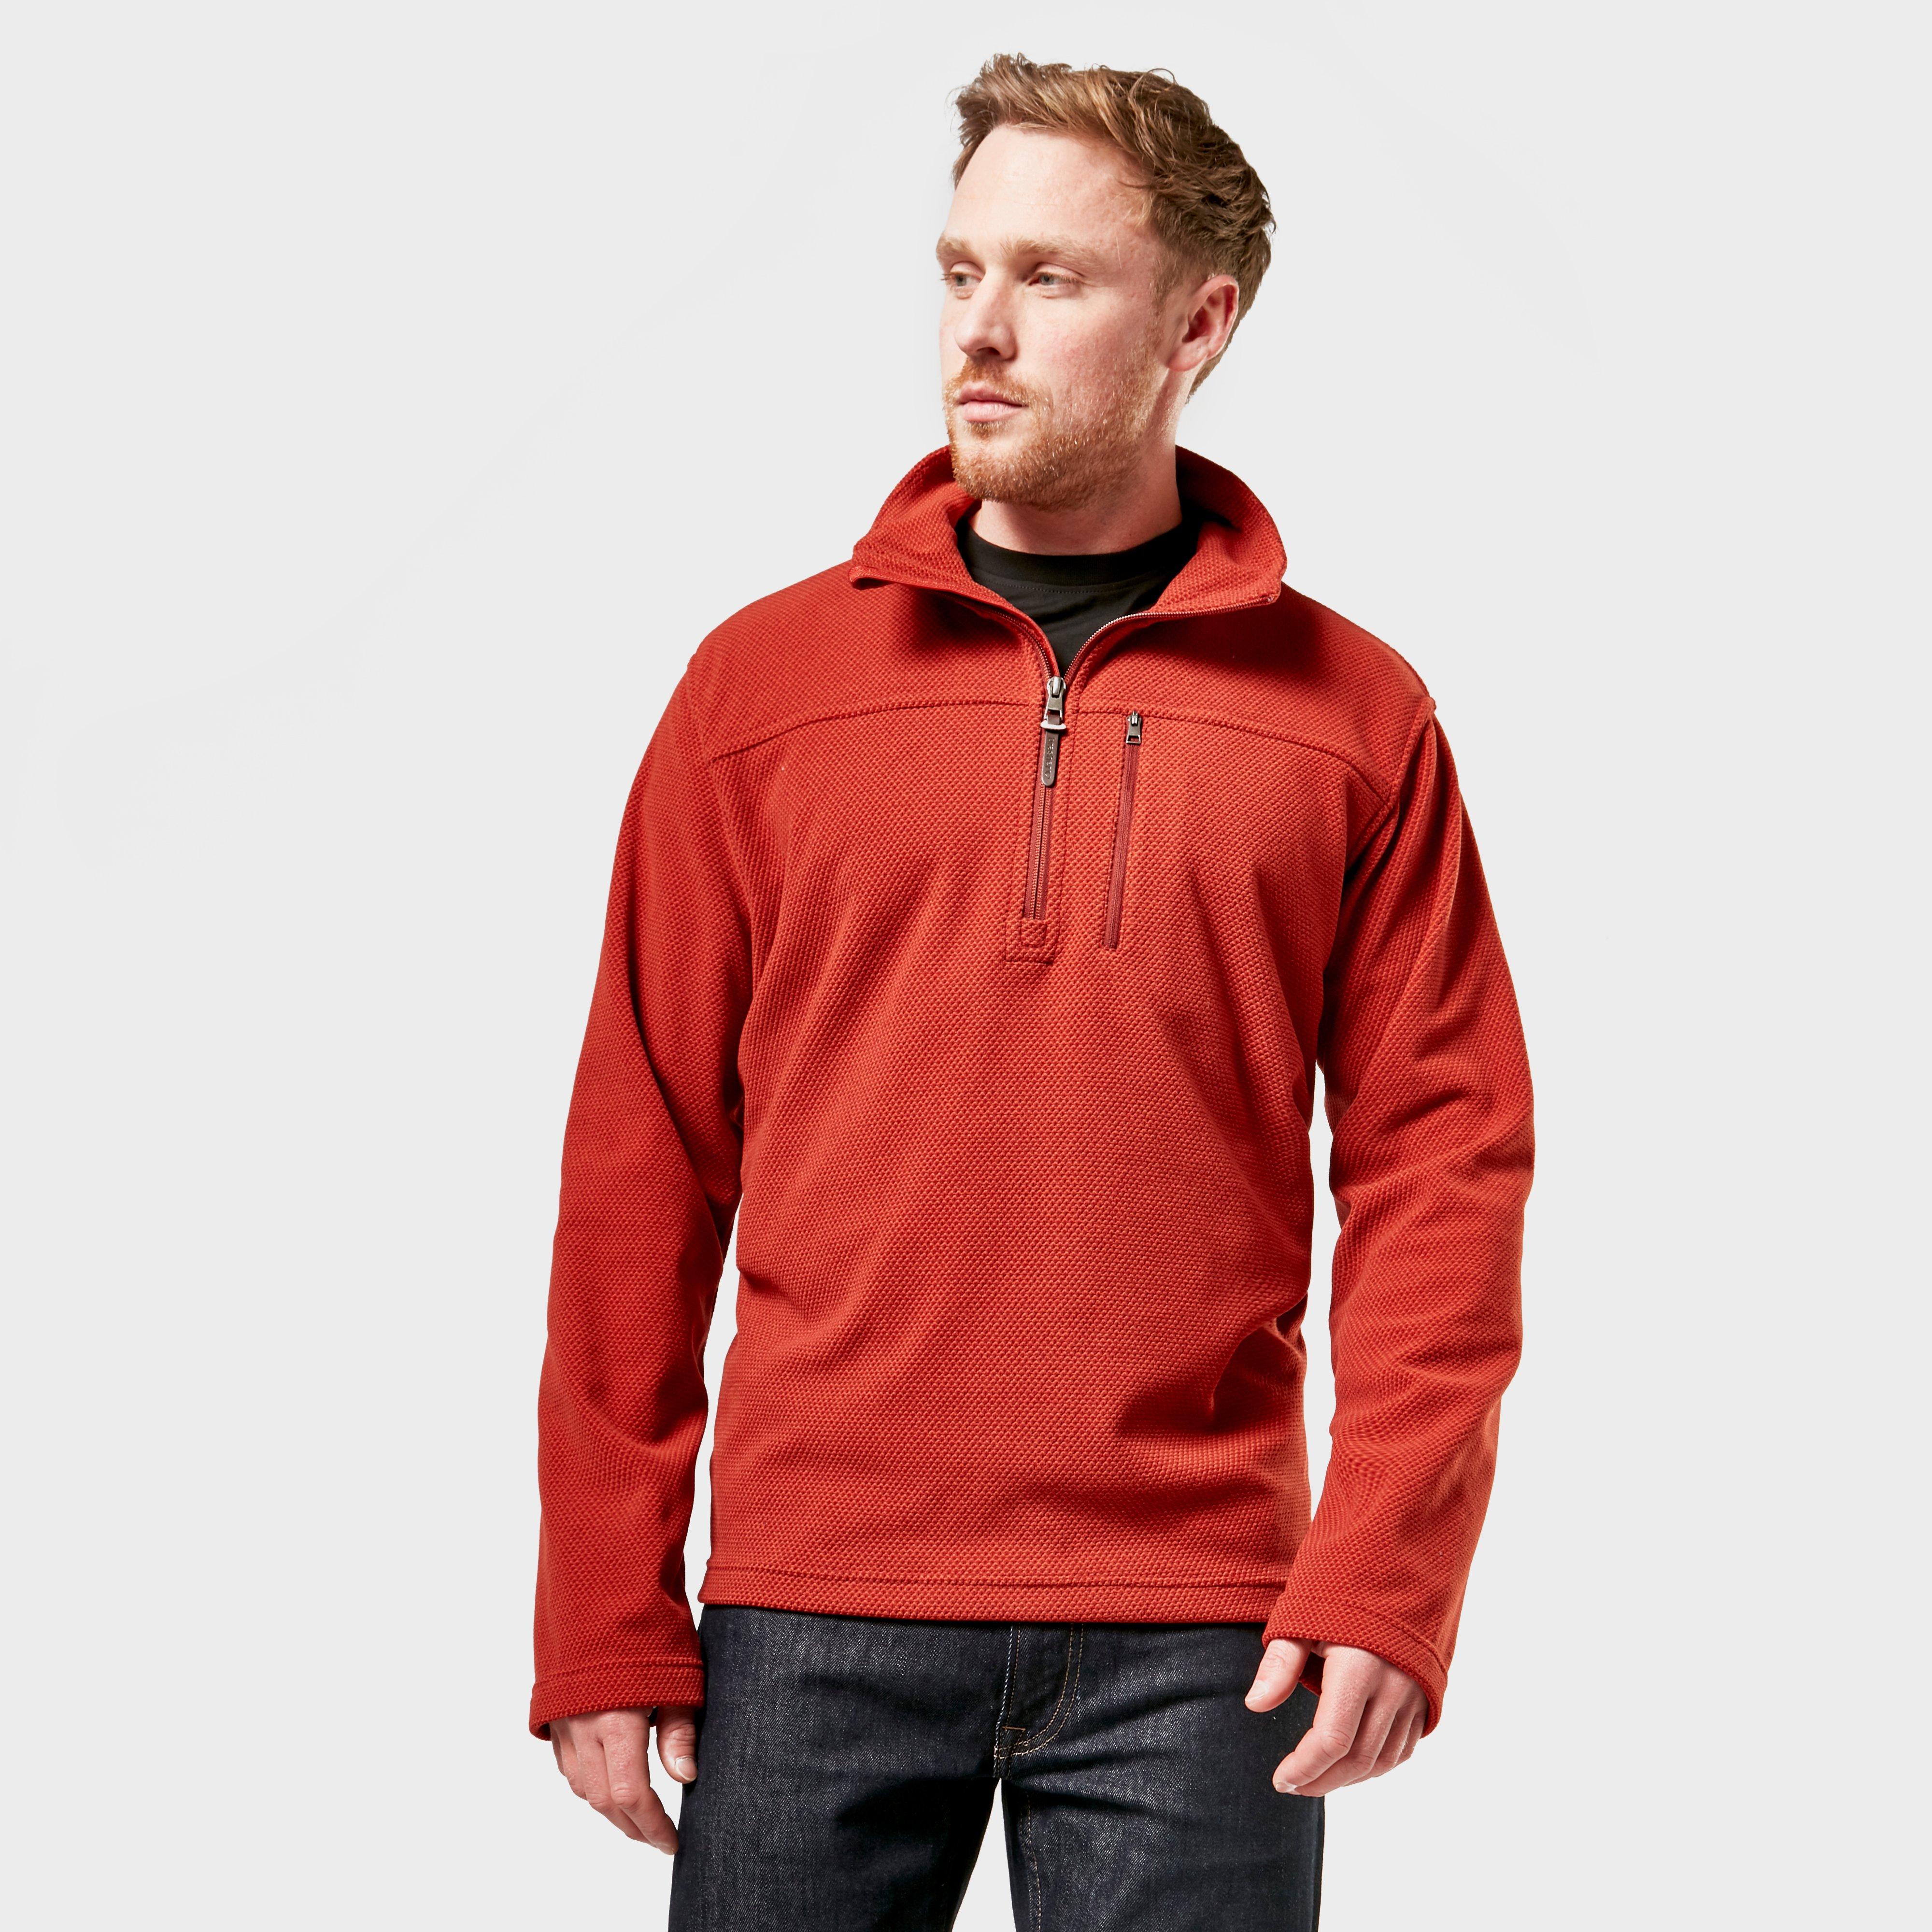 Brasher Men's Fountains Half Zip Fleece - Red/Red, Red